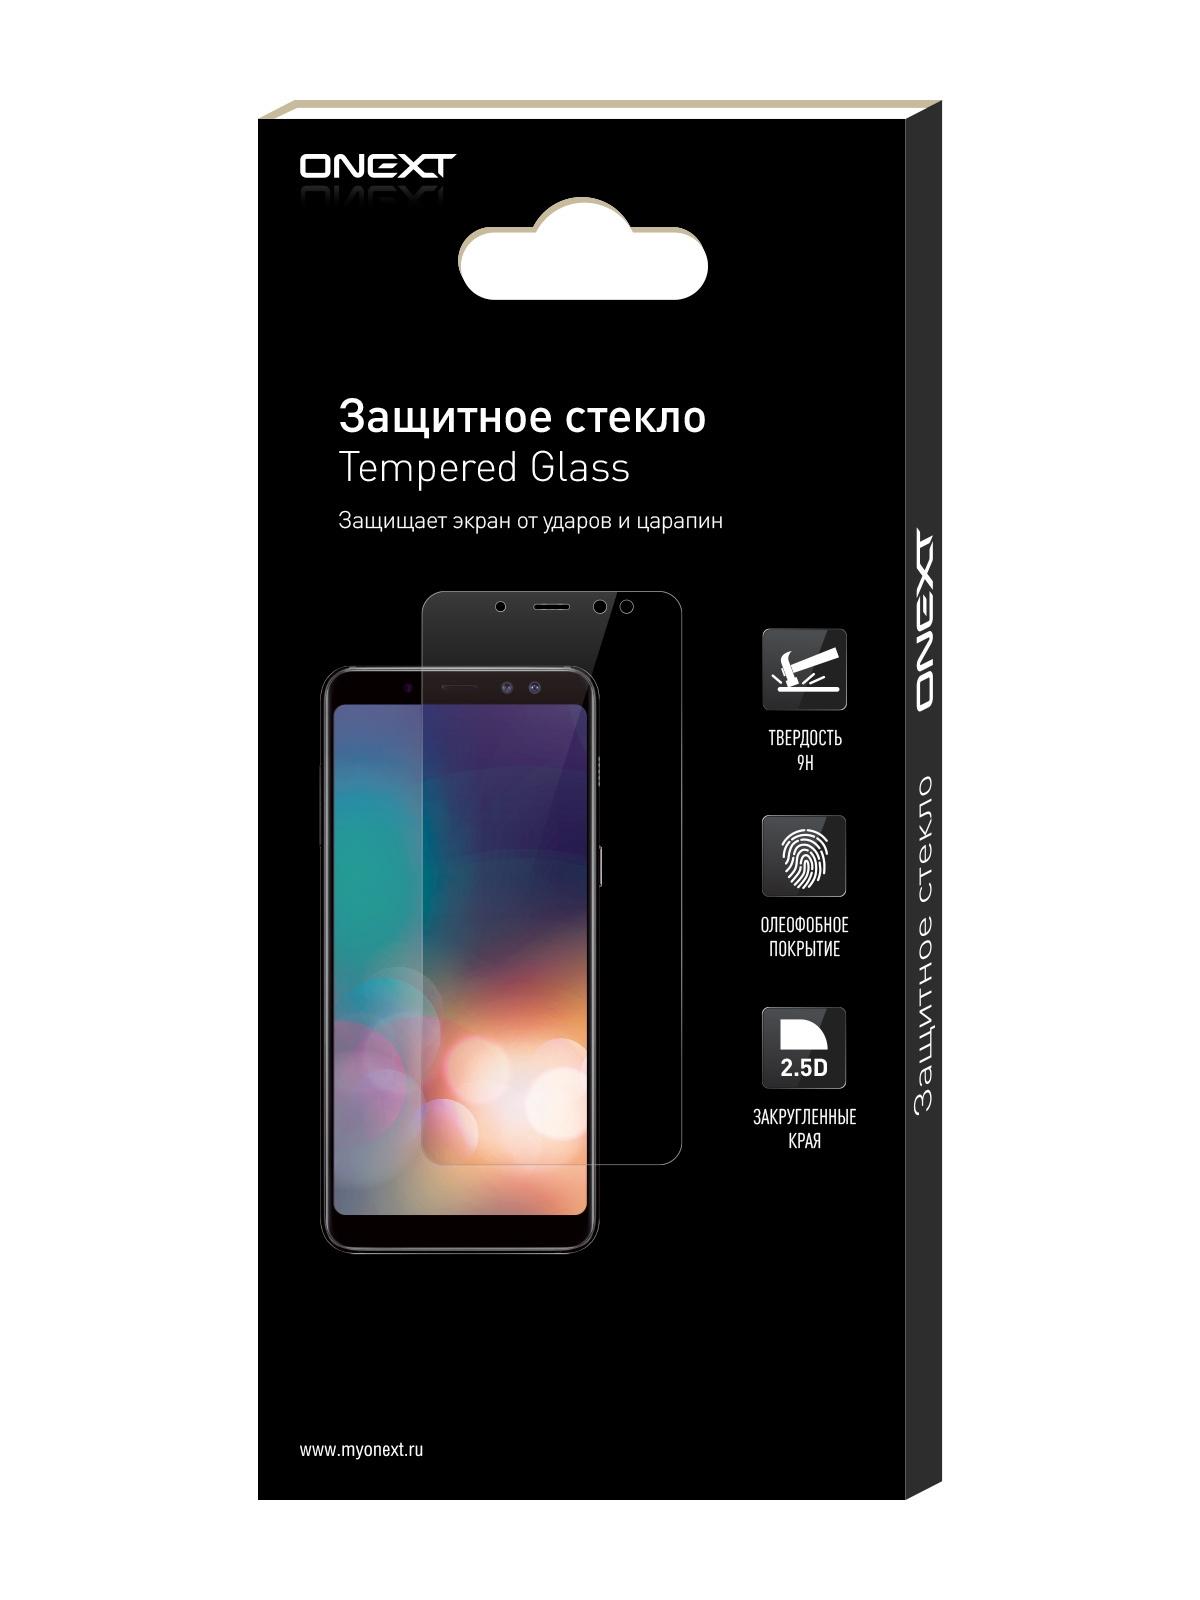 Защитное стекло Onext iPhone 5/5C/5S/SE, 41510, прозрачный